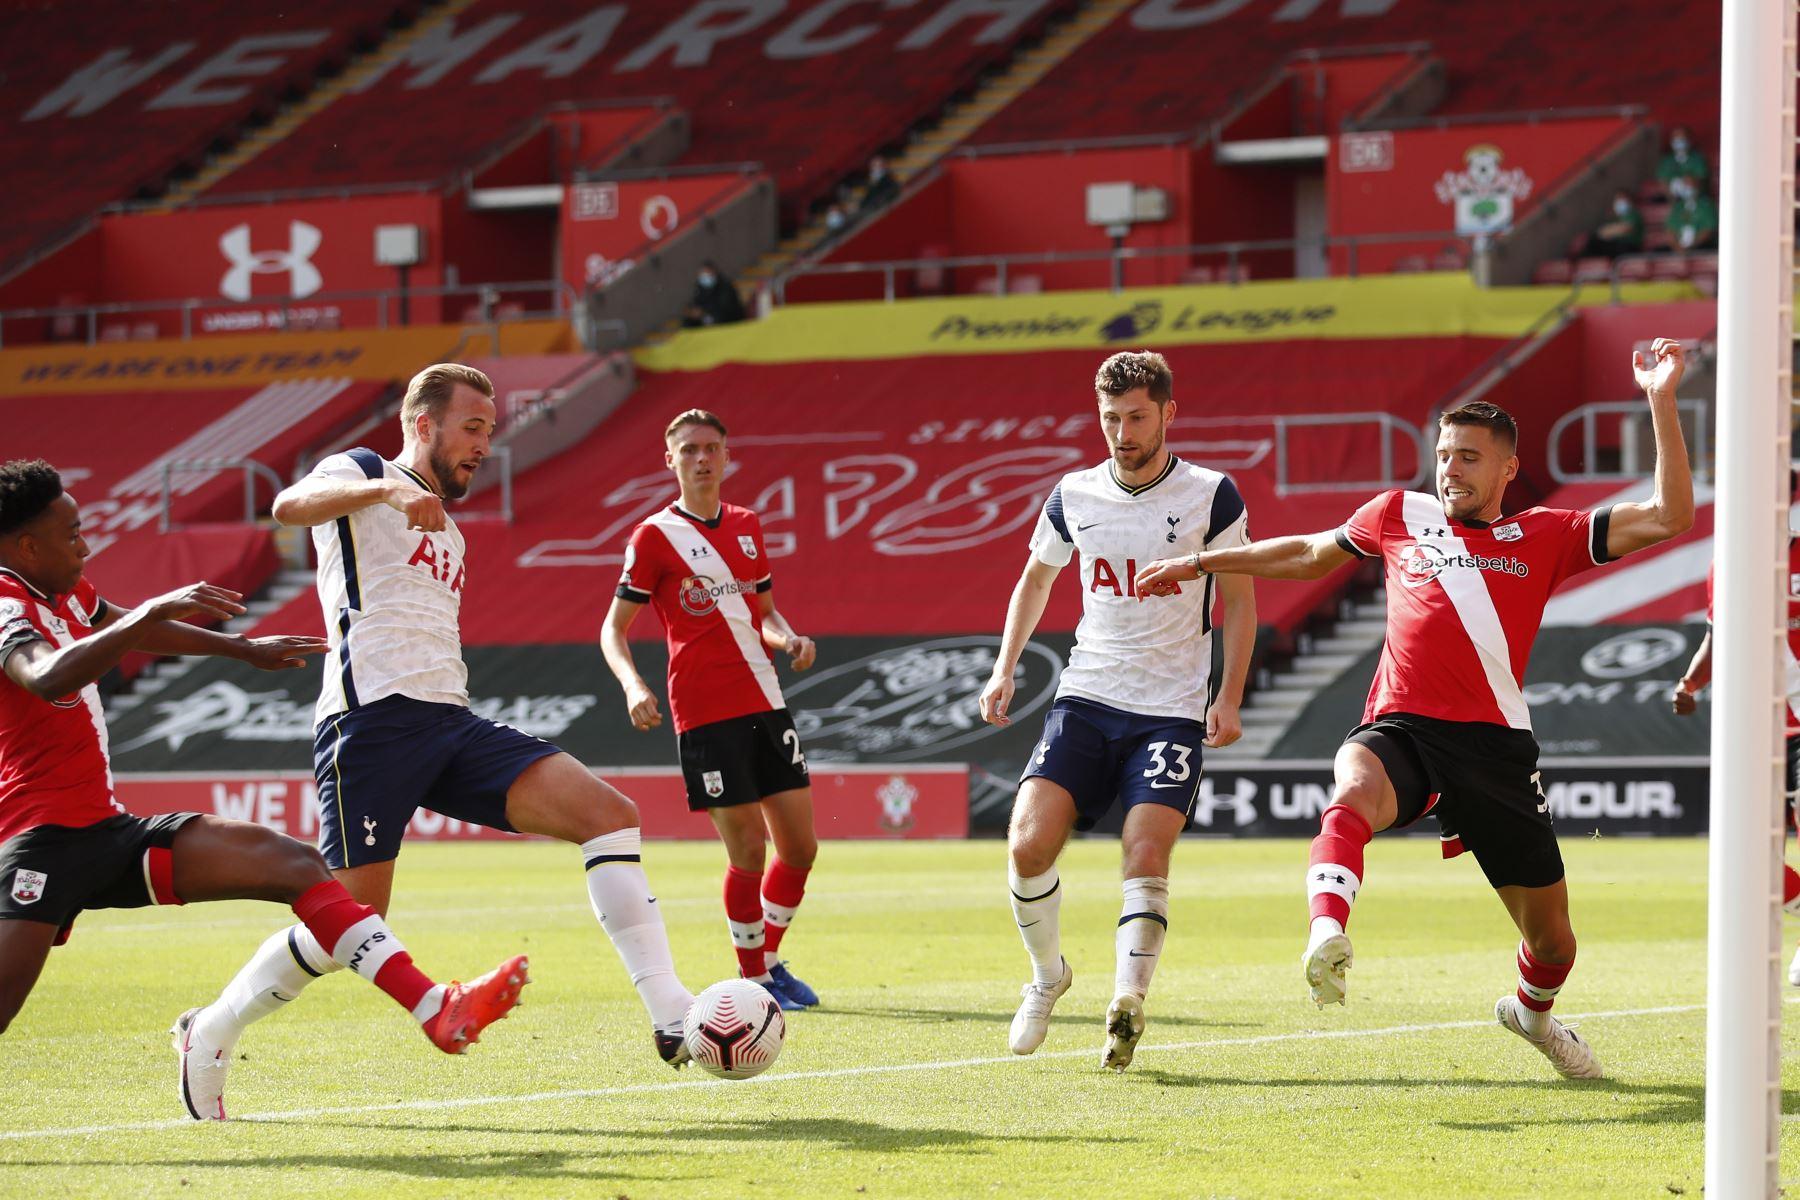 El delantero inglés del Tottenham Hotspur, Harry Kane, dispara para anotar el quinto gol de su equipo durante el partido de fútbol de la Premier League. Foto: AFP